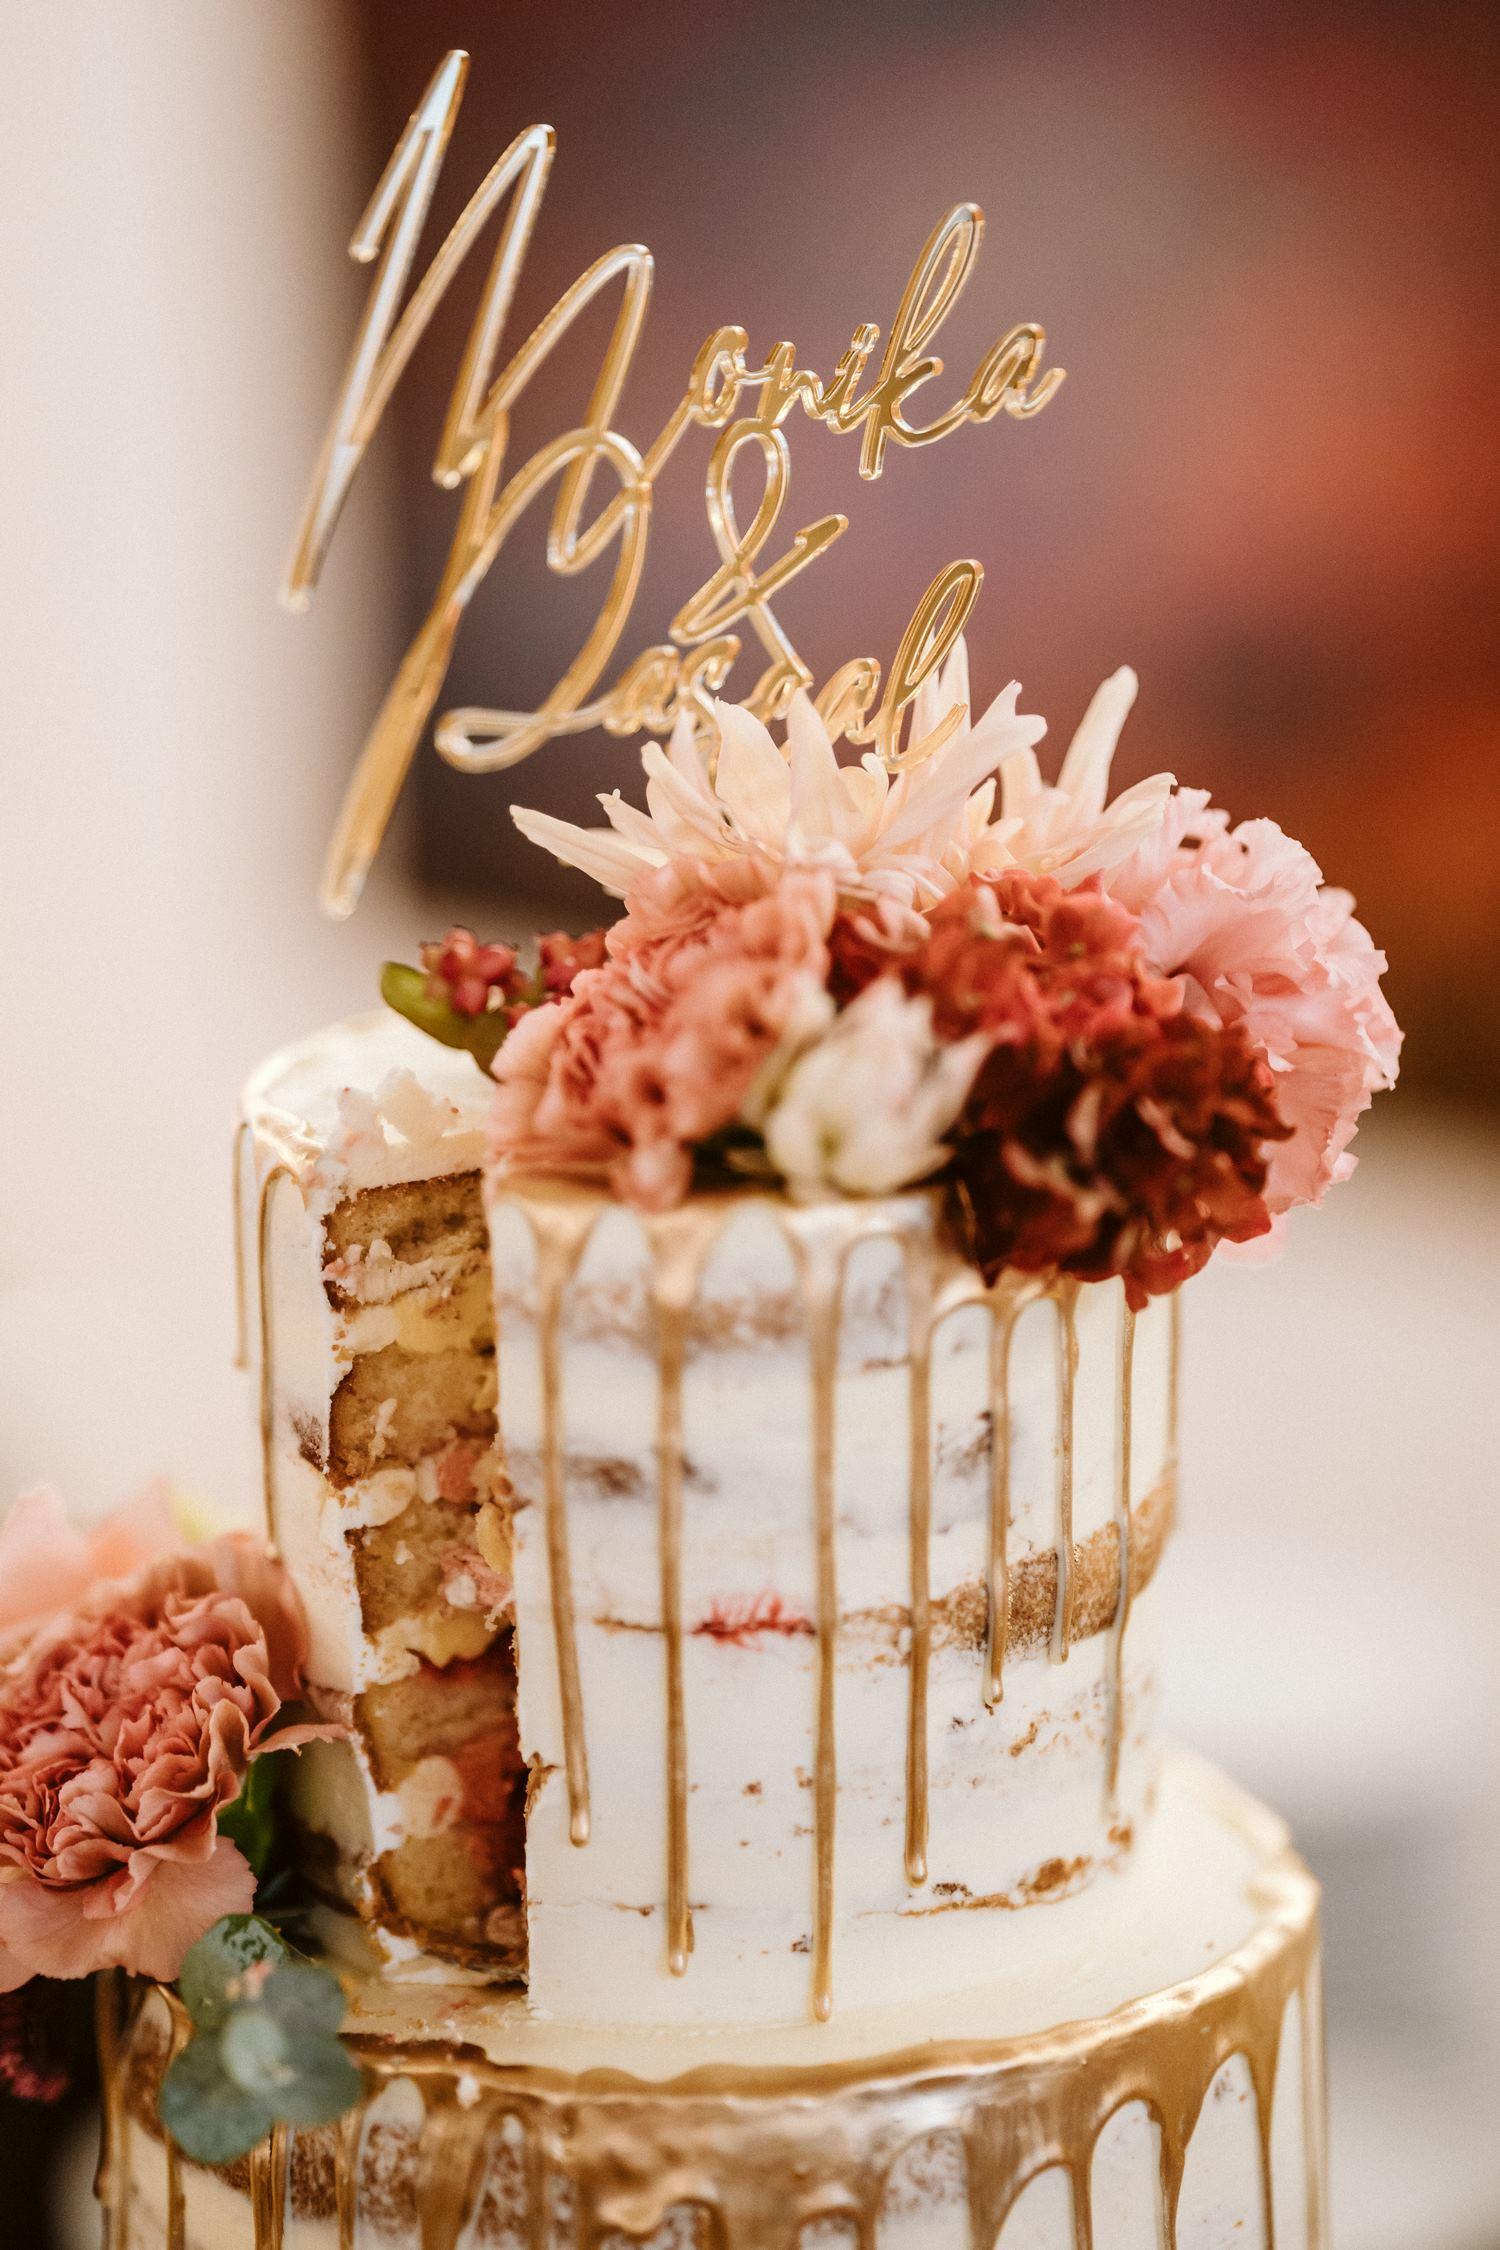 mehrstöckige, weiße Hochzeitstorte mit Blumen – gesehen bei frauimmer-herrewig.de